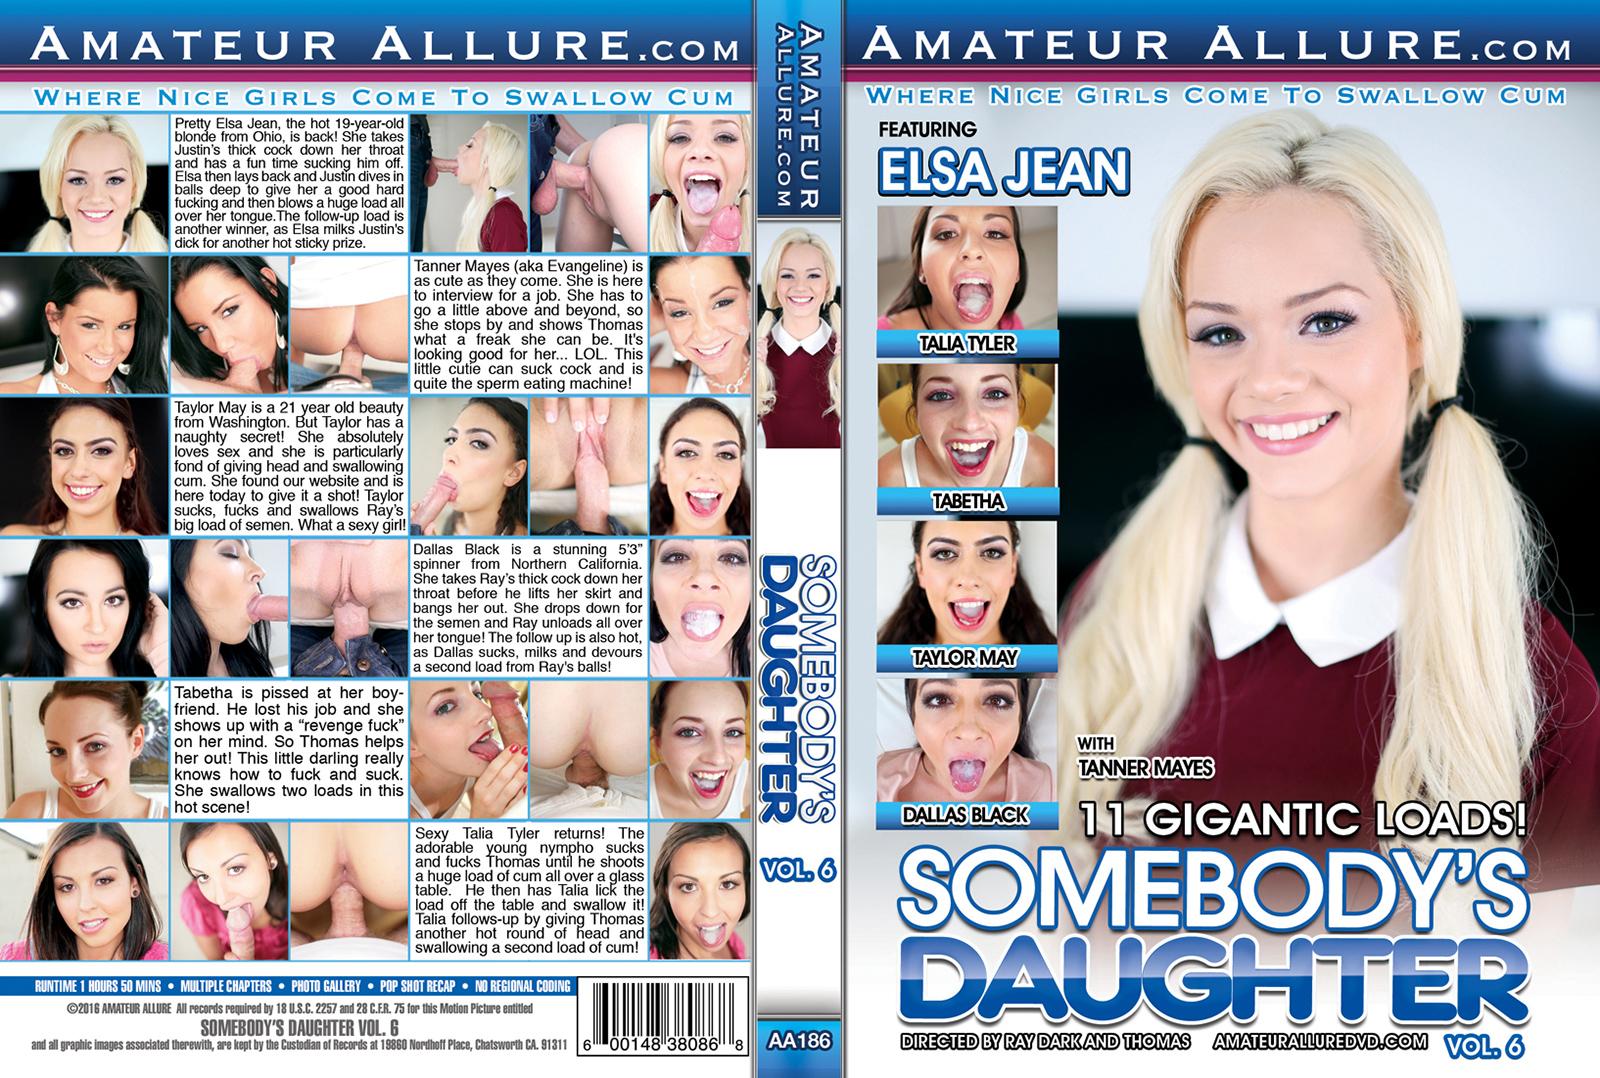 somebodys_daughter_6-dvd-large.jpg